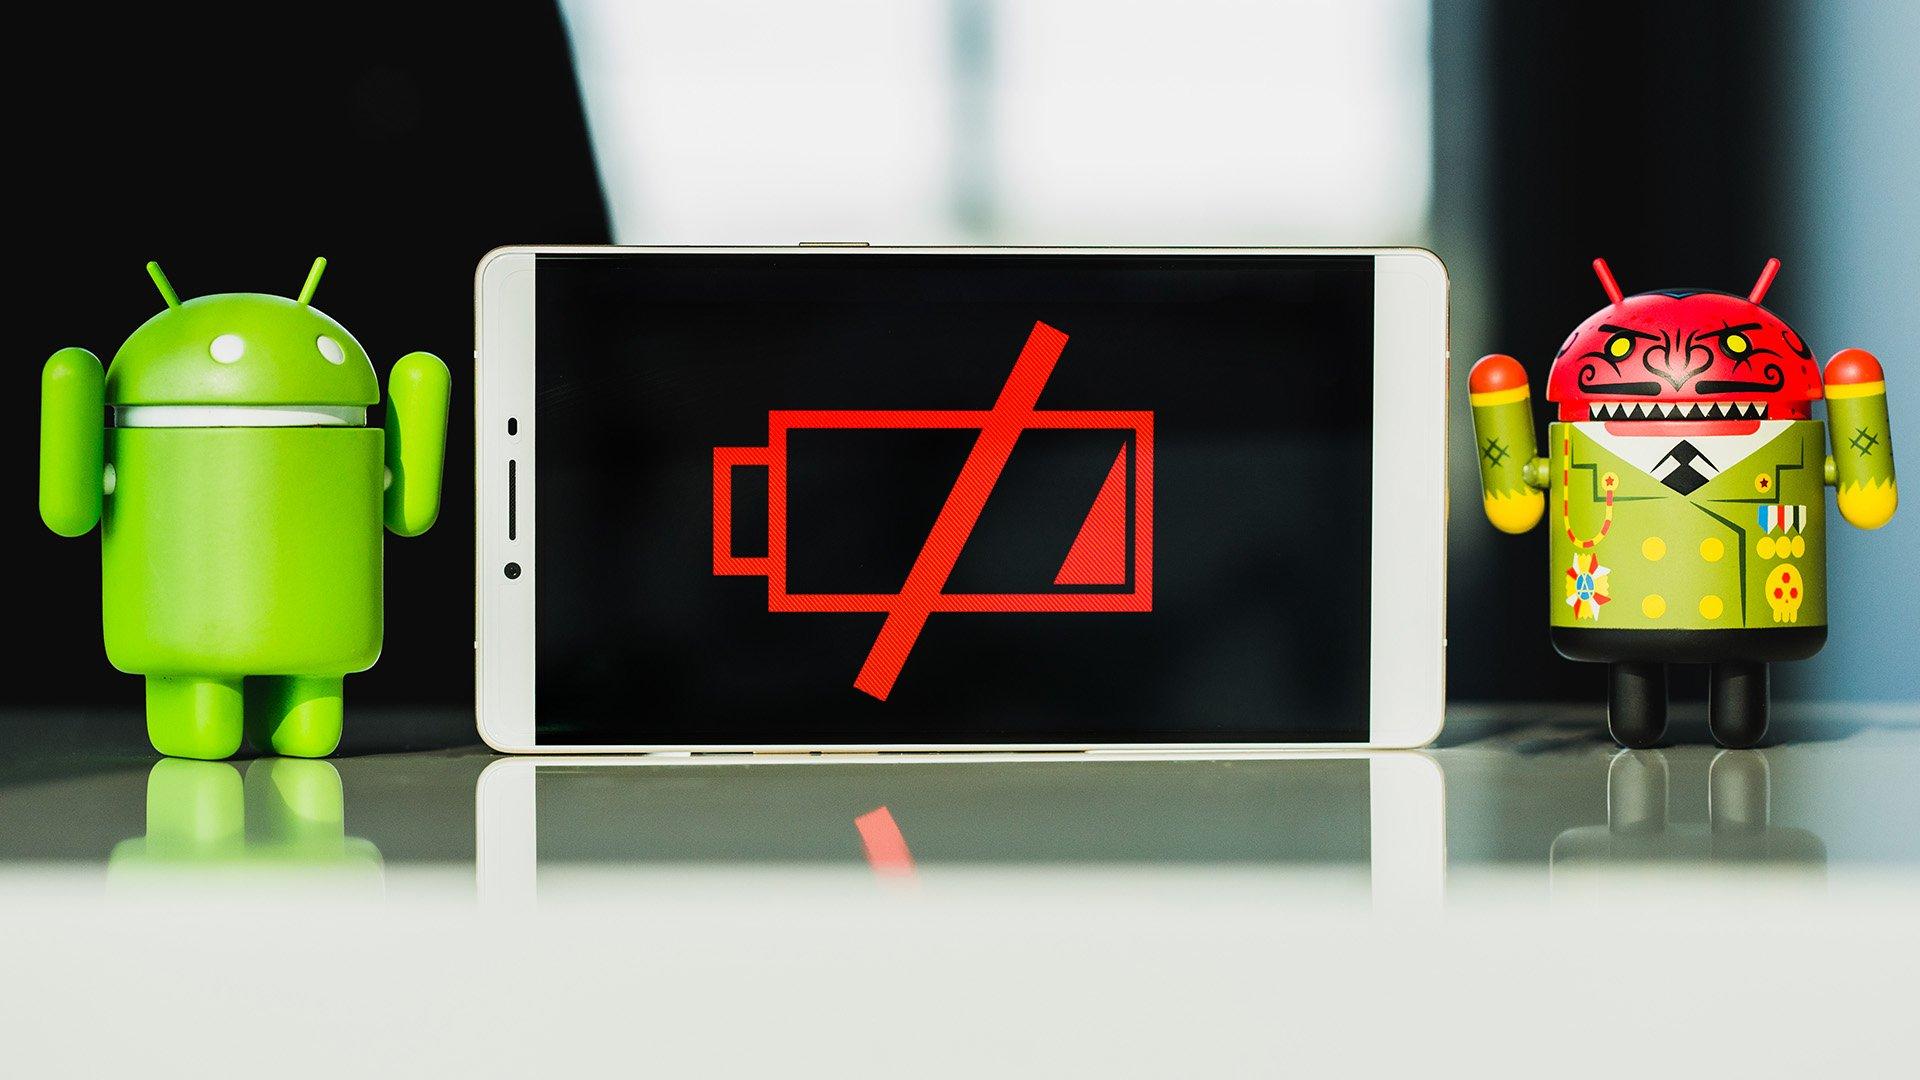 android, Jak zmniejszyć zużyciedanych przezFacebooka